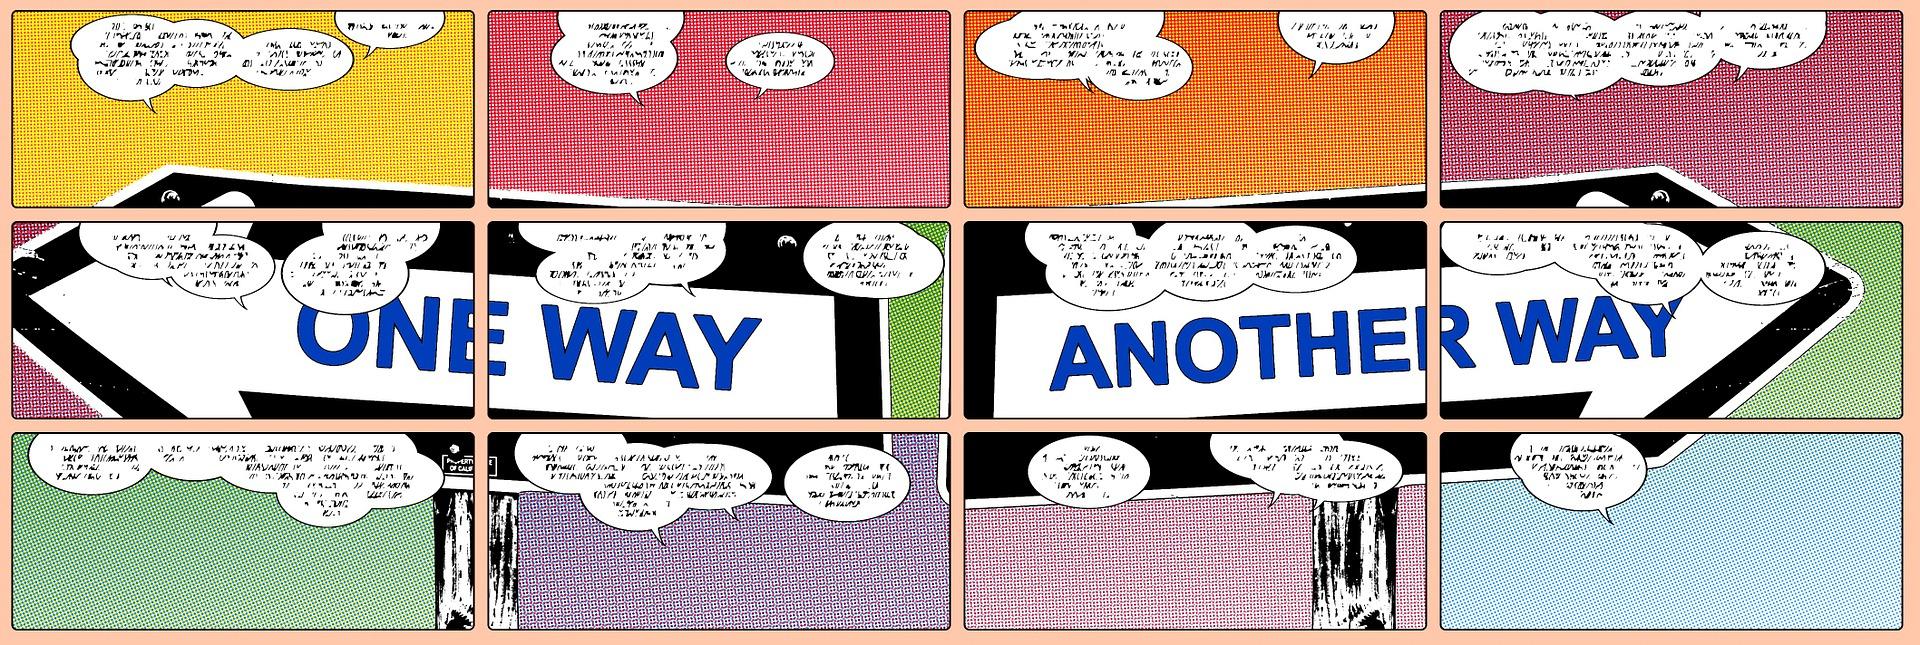 Die Comicseite zeigt verschiedene Wegweiser